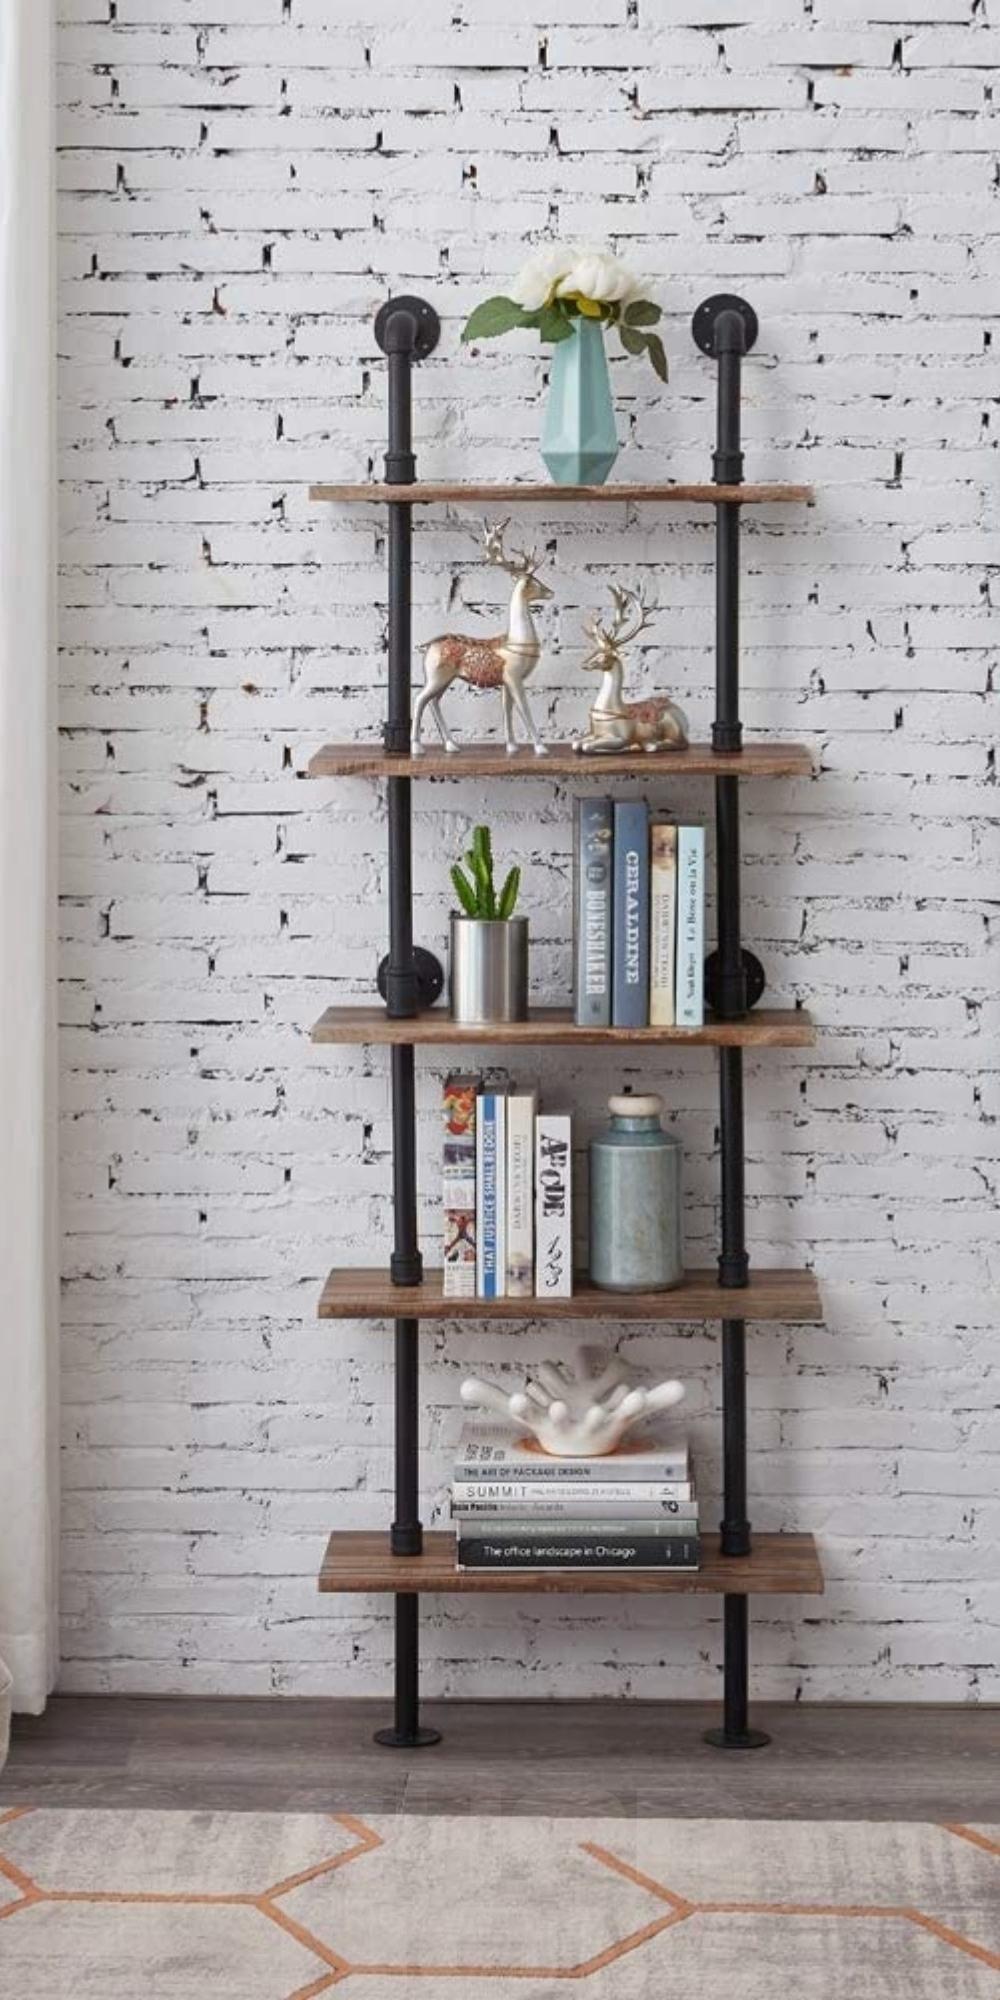 Shelves 5-Shelf Rustic Industrial Bookshelf Ladder